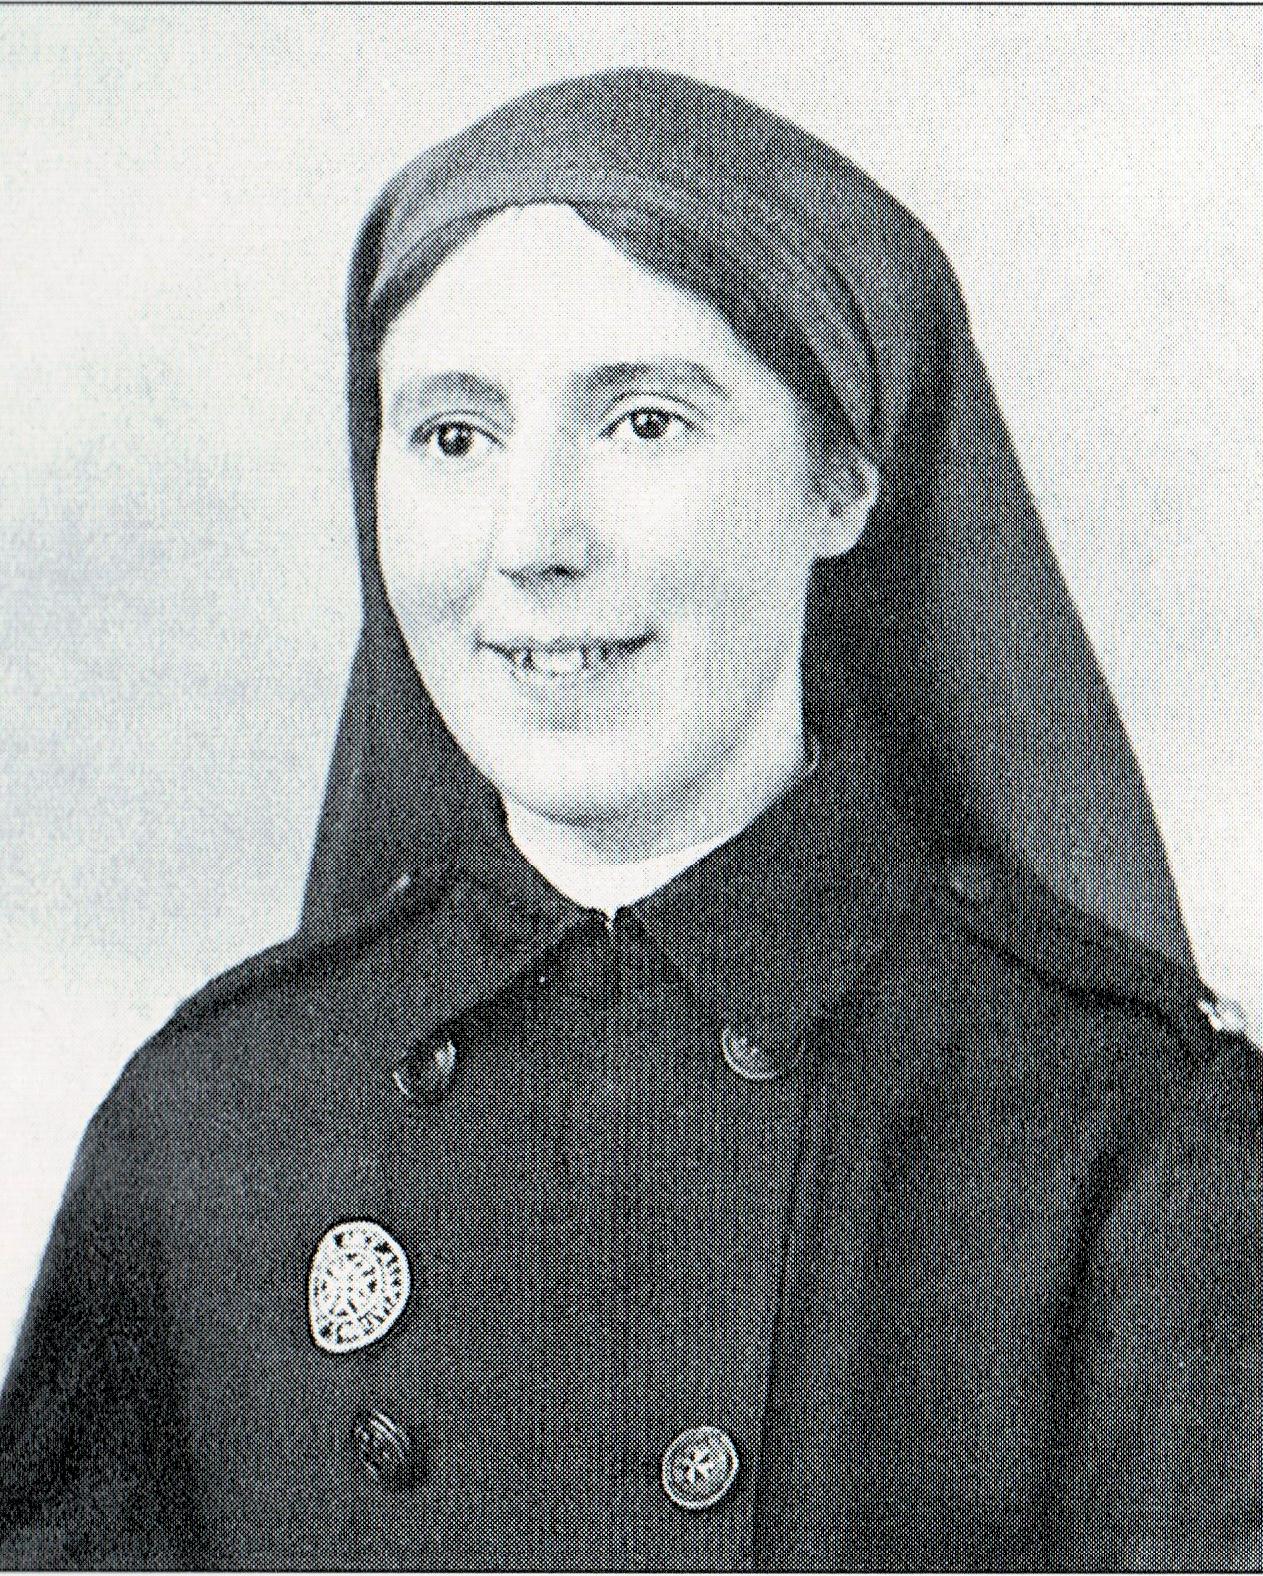 Alison Macfie